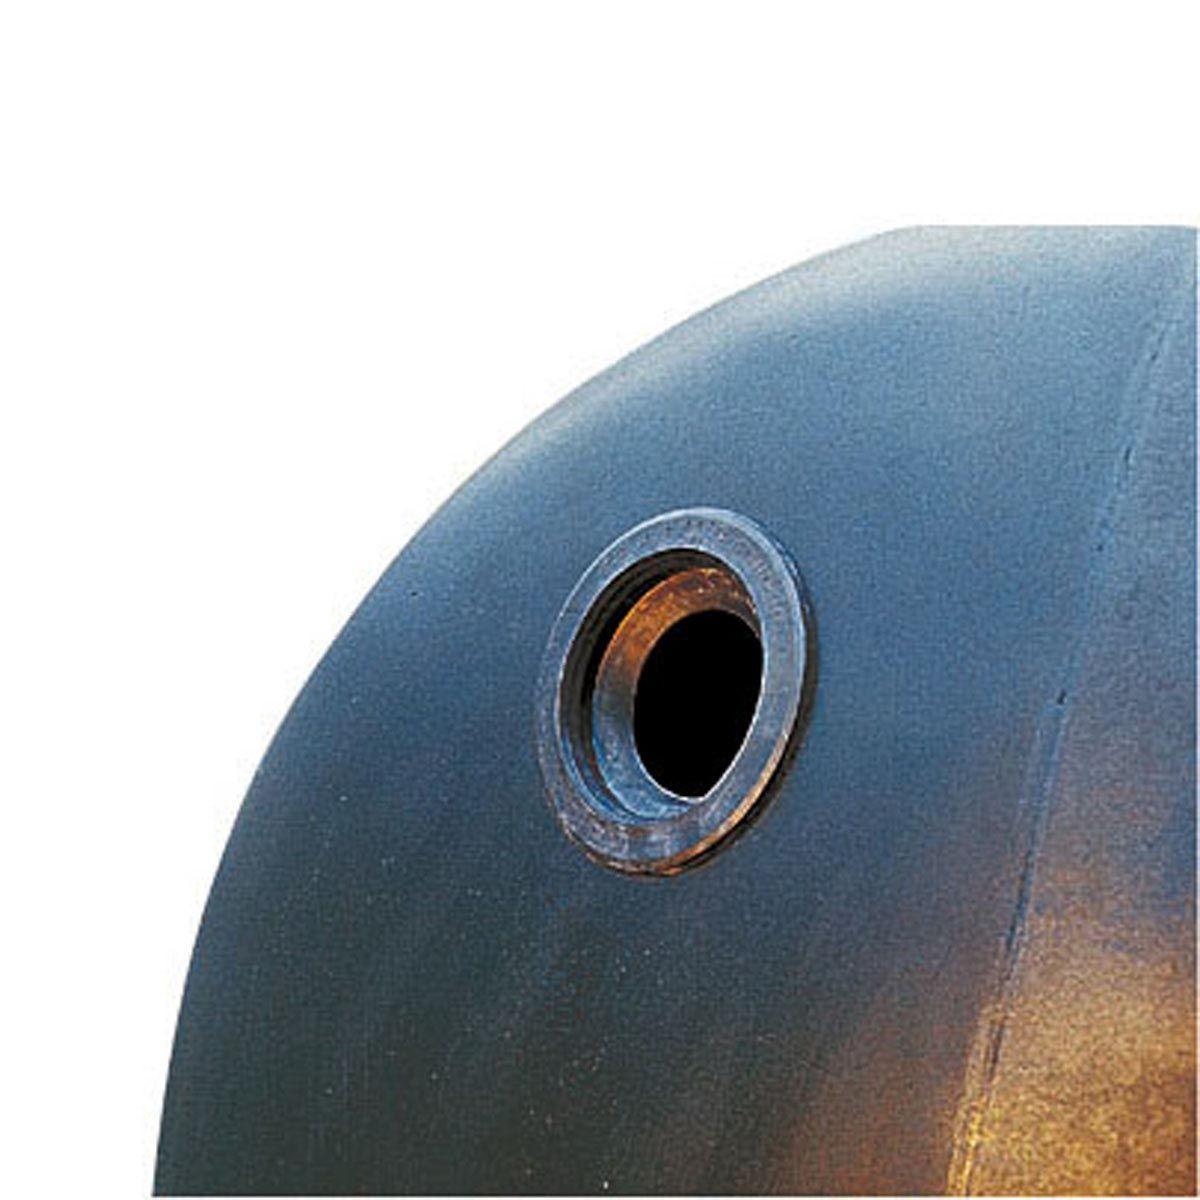 Spezialdichtung, schwarz, DN 150, WS 6-11 mm